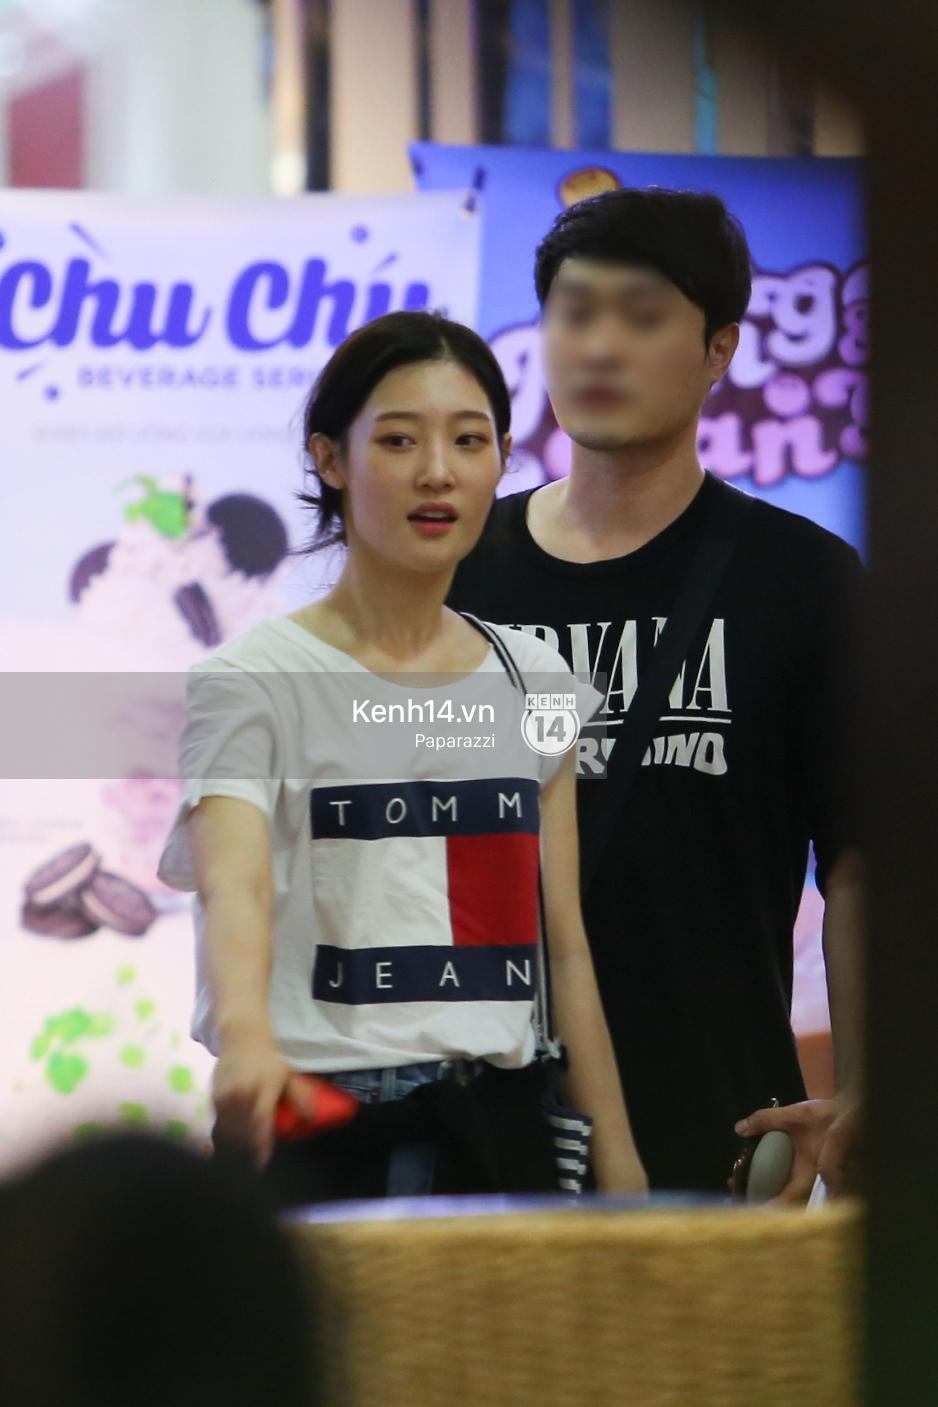 Nữ thần sắc đẹp thế hệ mới Jung Chae Yeon thoải mái đi mua sắm và ăn kem ở trung tâm thương mại đông người tại Việt Nam - Ảnh 10.